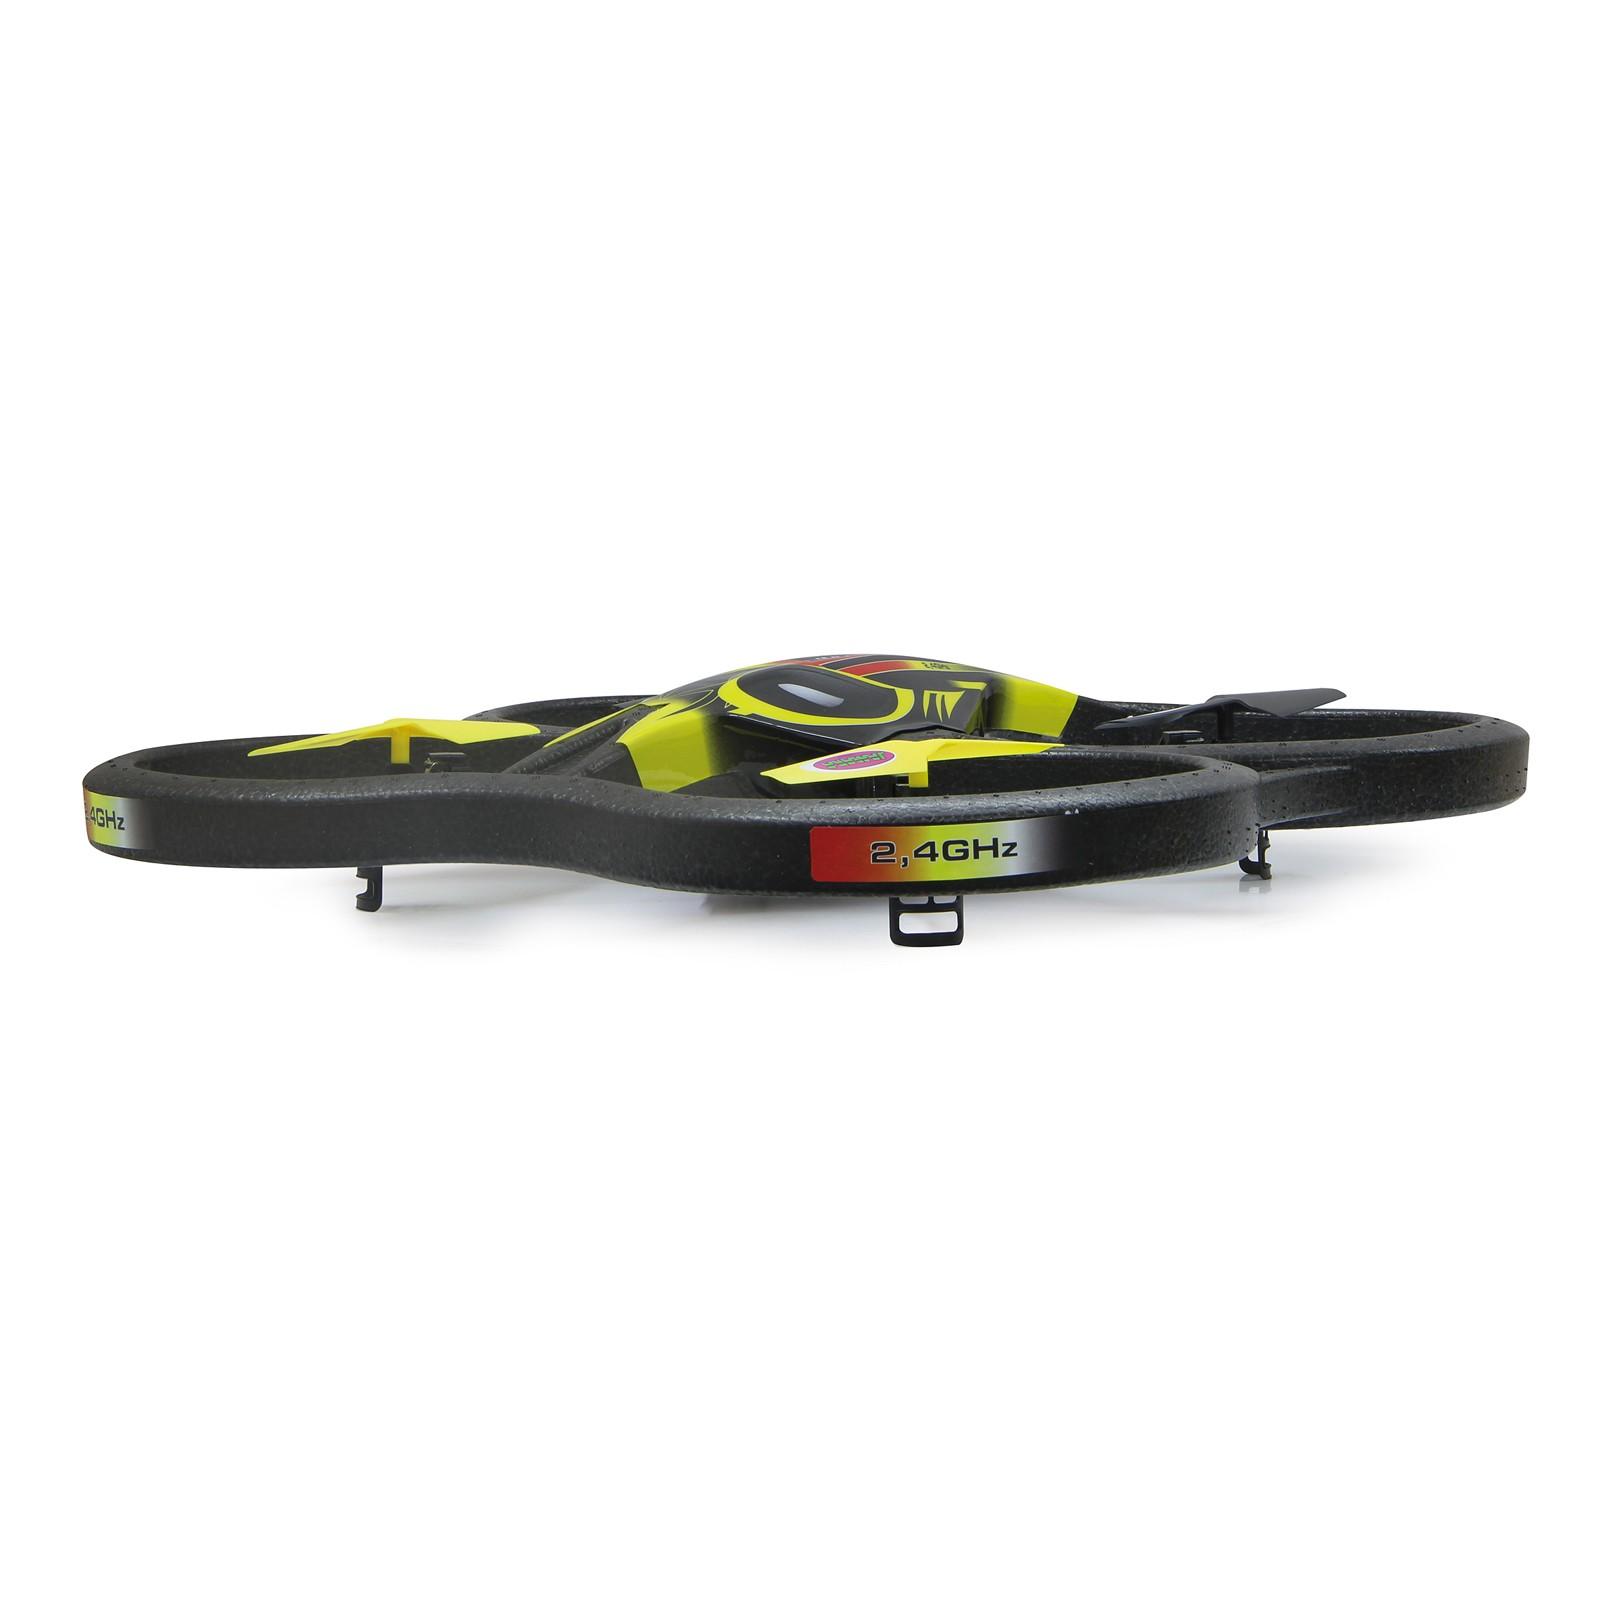 Invader Quadrocopter - 2,4 GHz Flip Stunt Modus Empfindlichkeitsregulierung